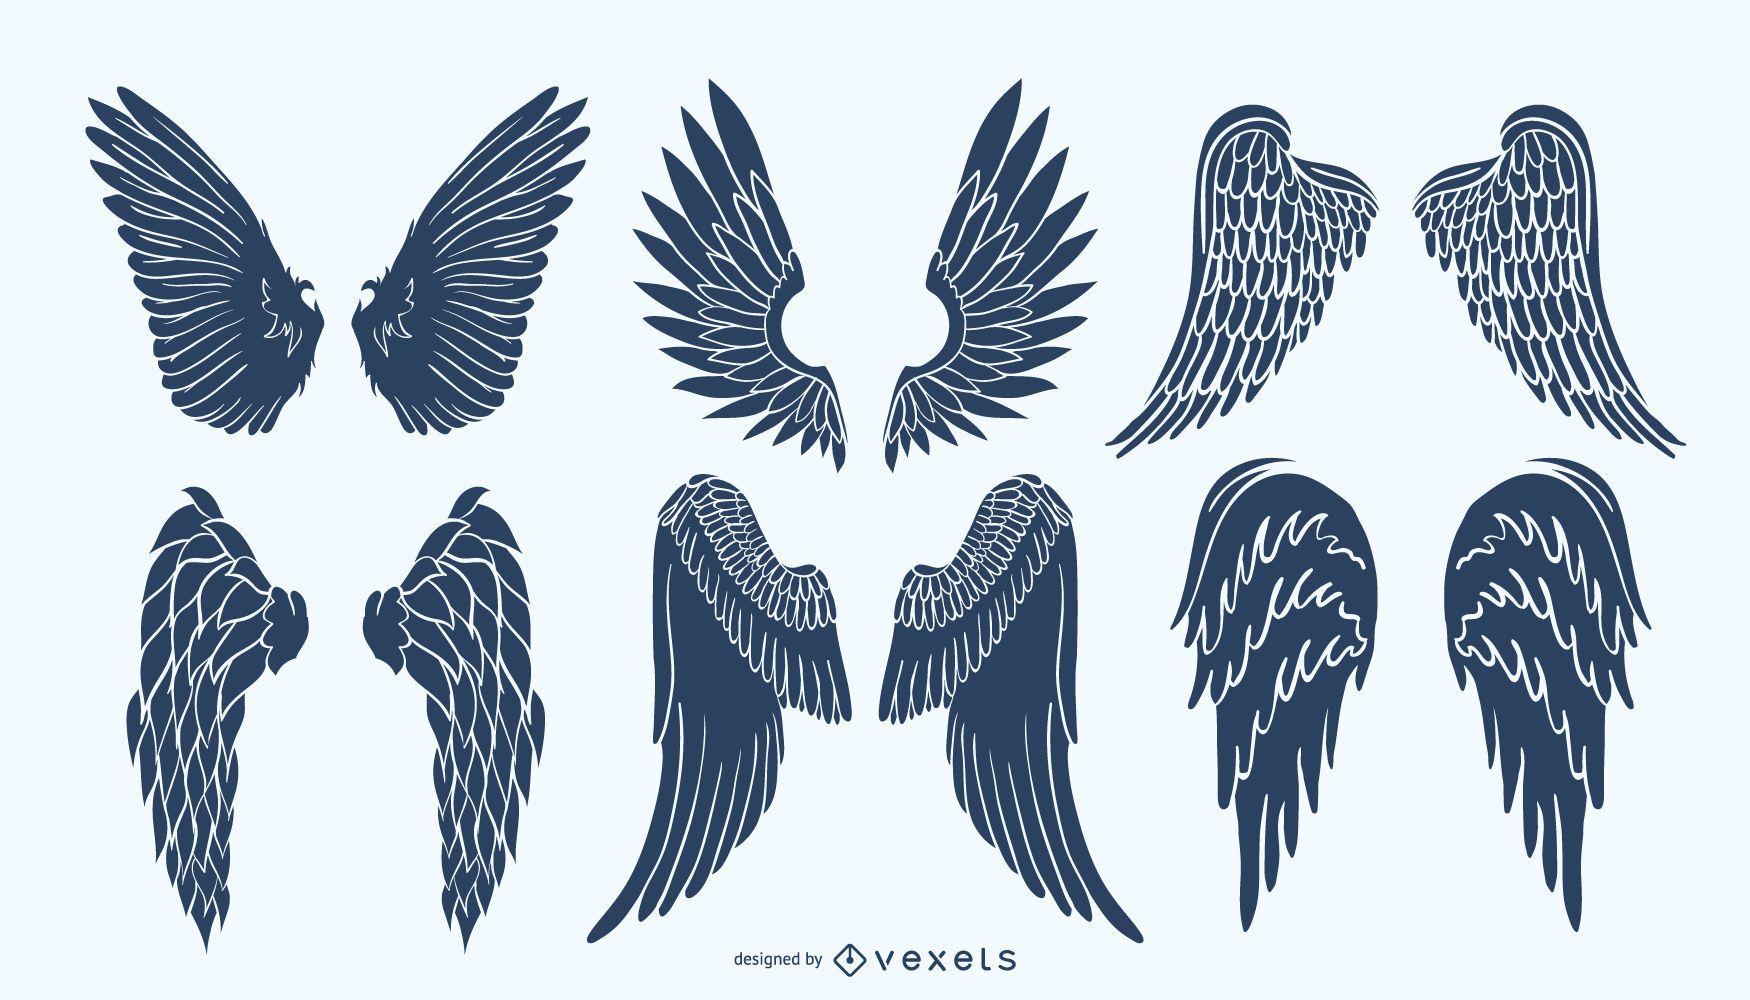 Angel wings silhouette pack